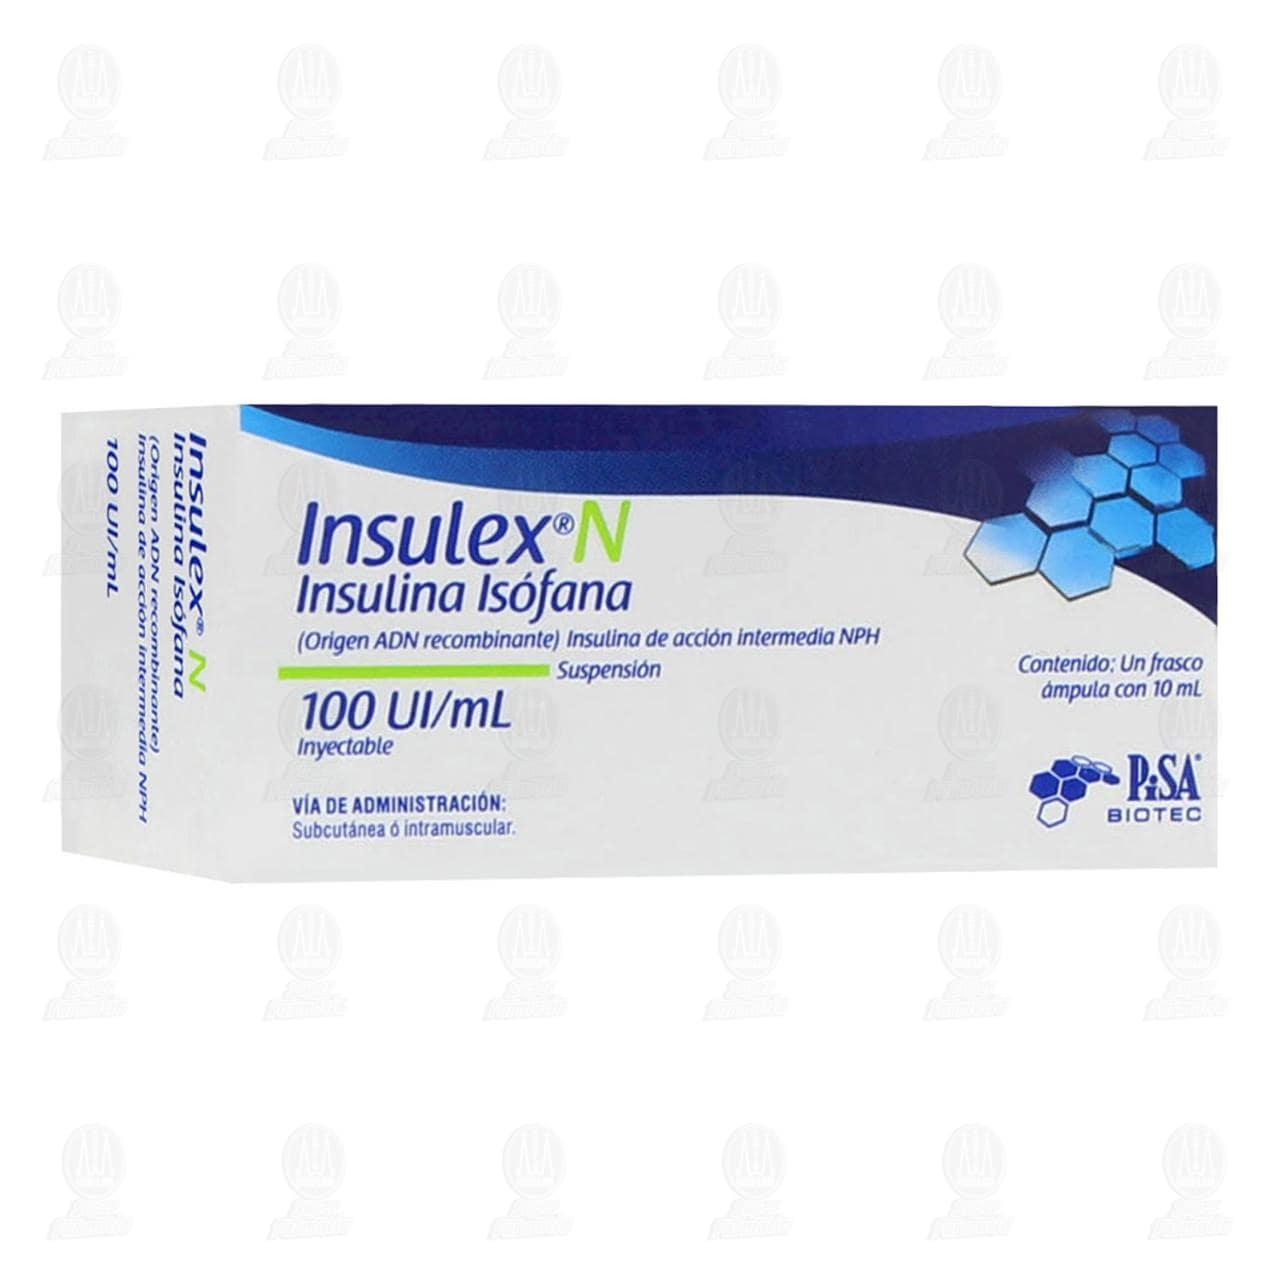 Comprar Insulex N 100ui/ml 1 Frasco Ámpula 10ml Suspensión Inyectable en Farmacias Guadalajara